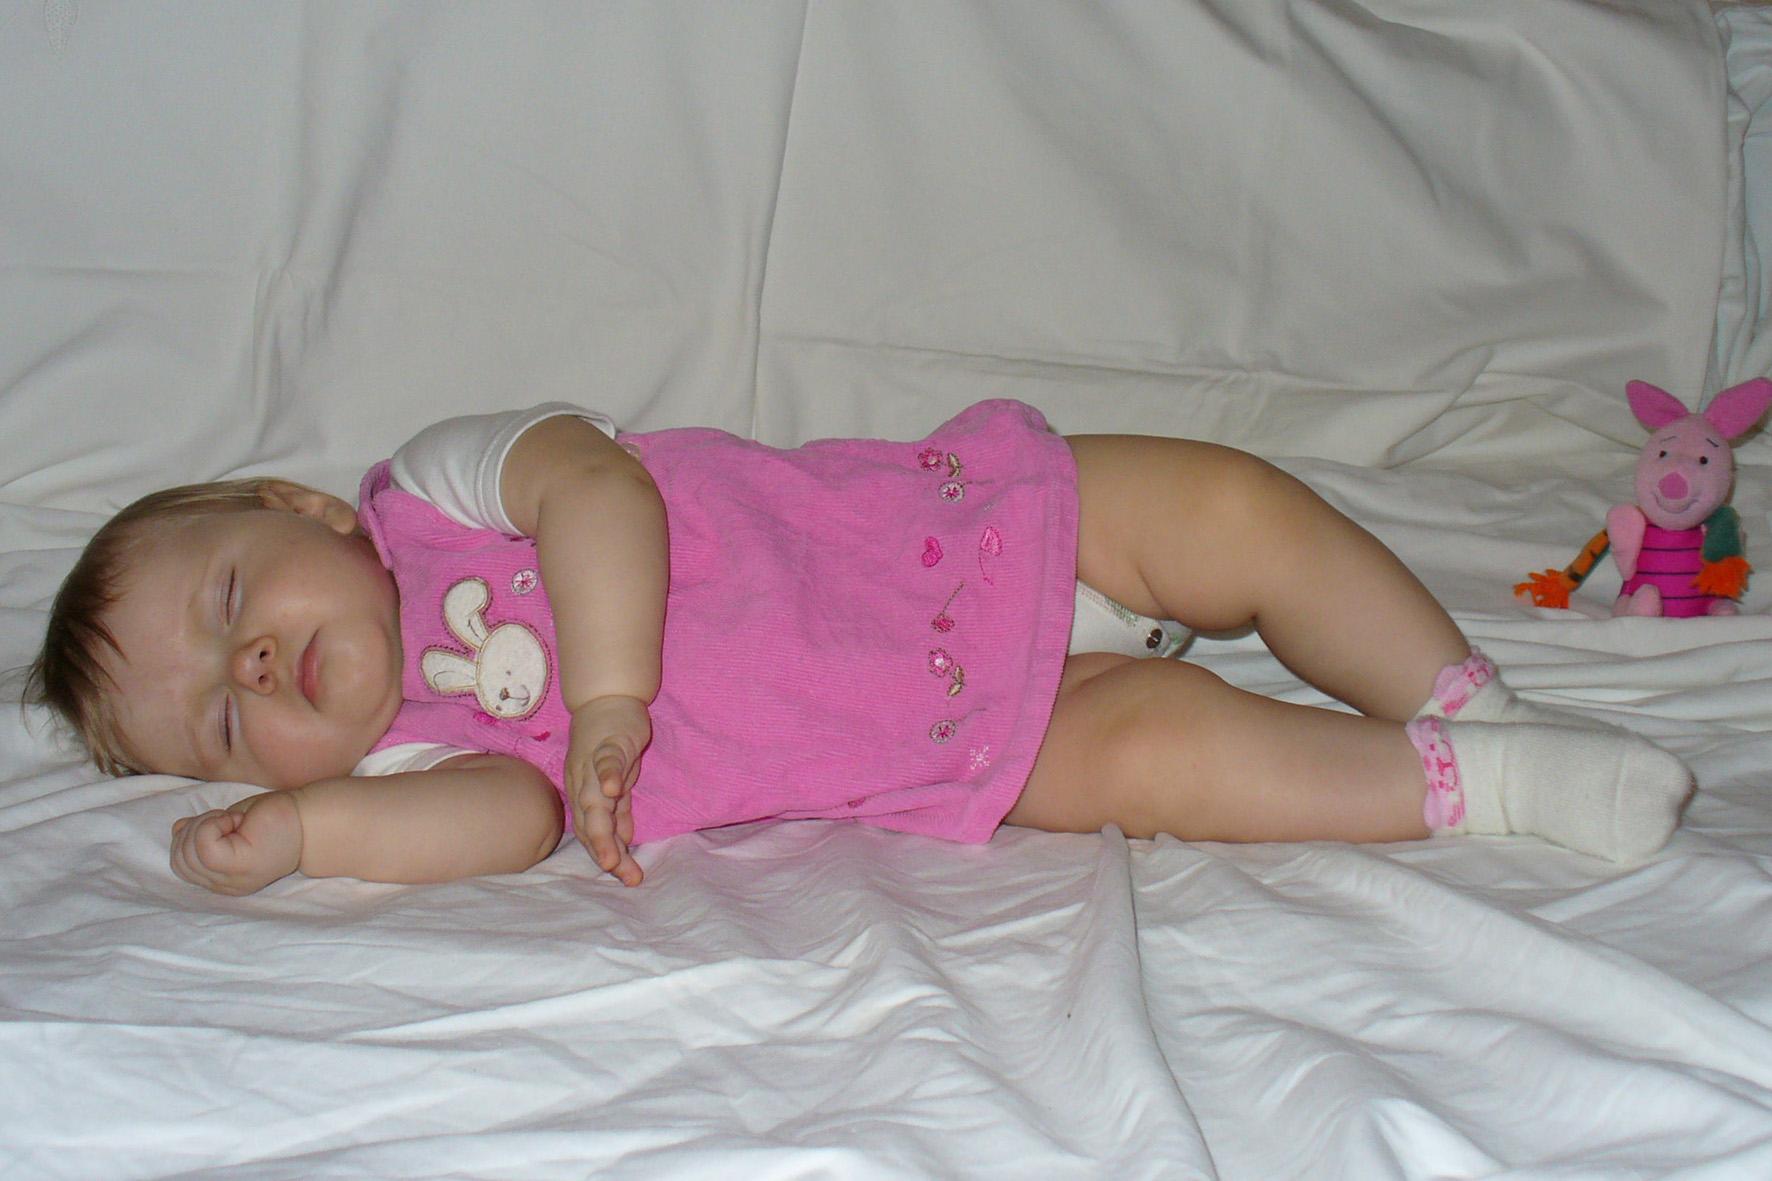 Спи, мой носик маленький, Спи, цветочек аленький, Ясны глазки закрывай, Спи, дочурка, баю-бай. . Мой малыш перед сном